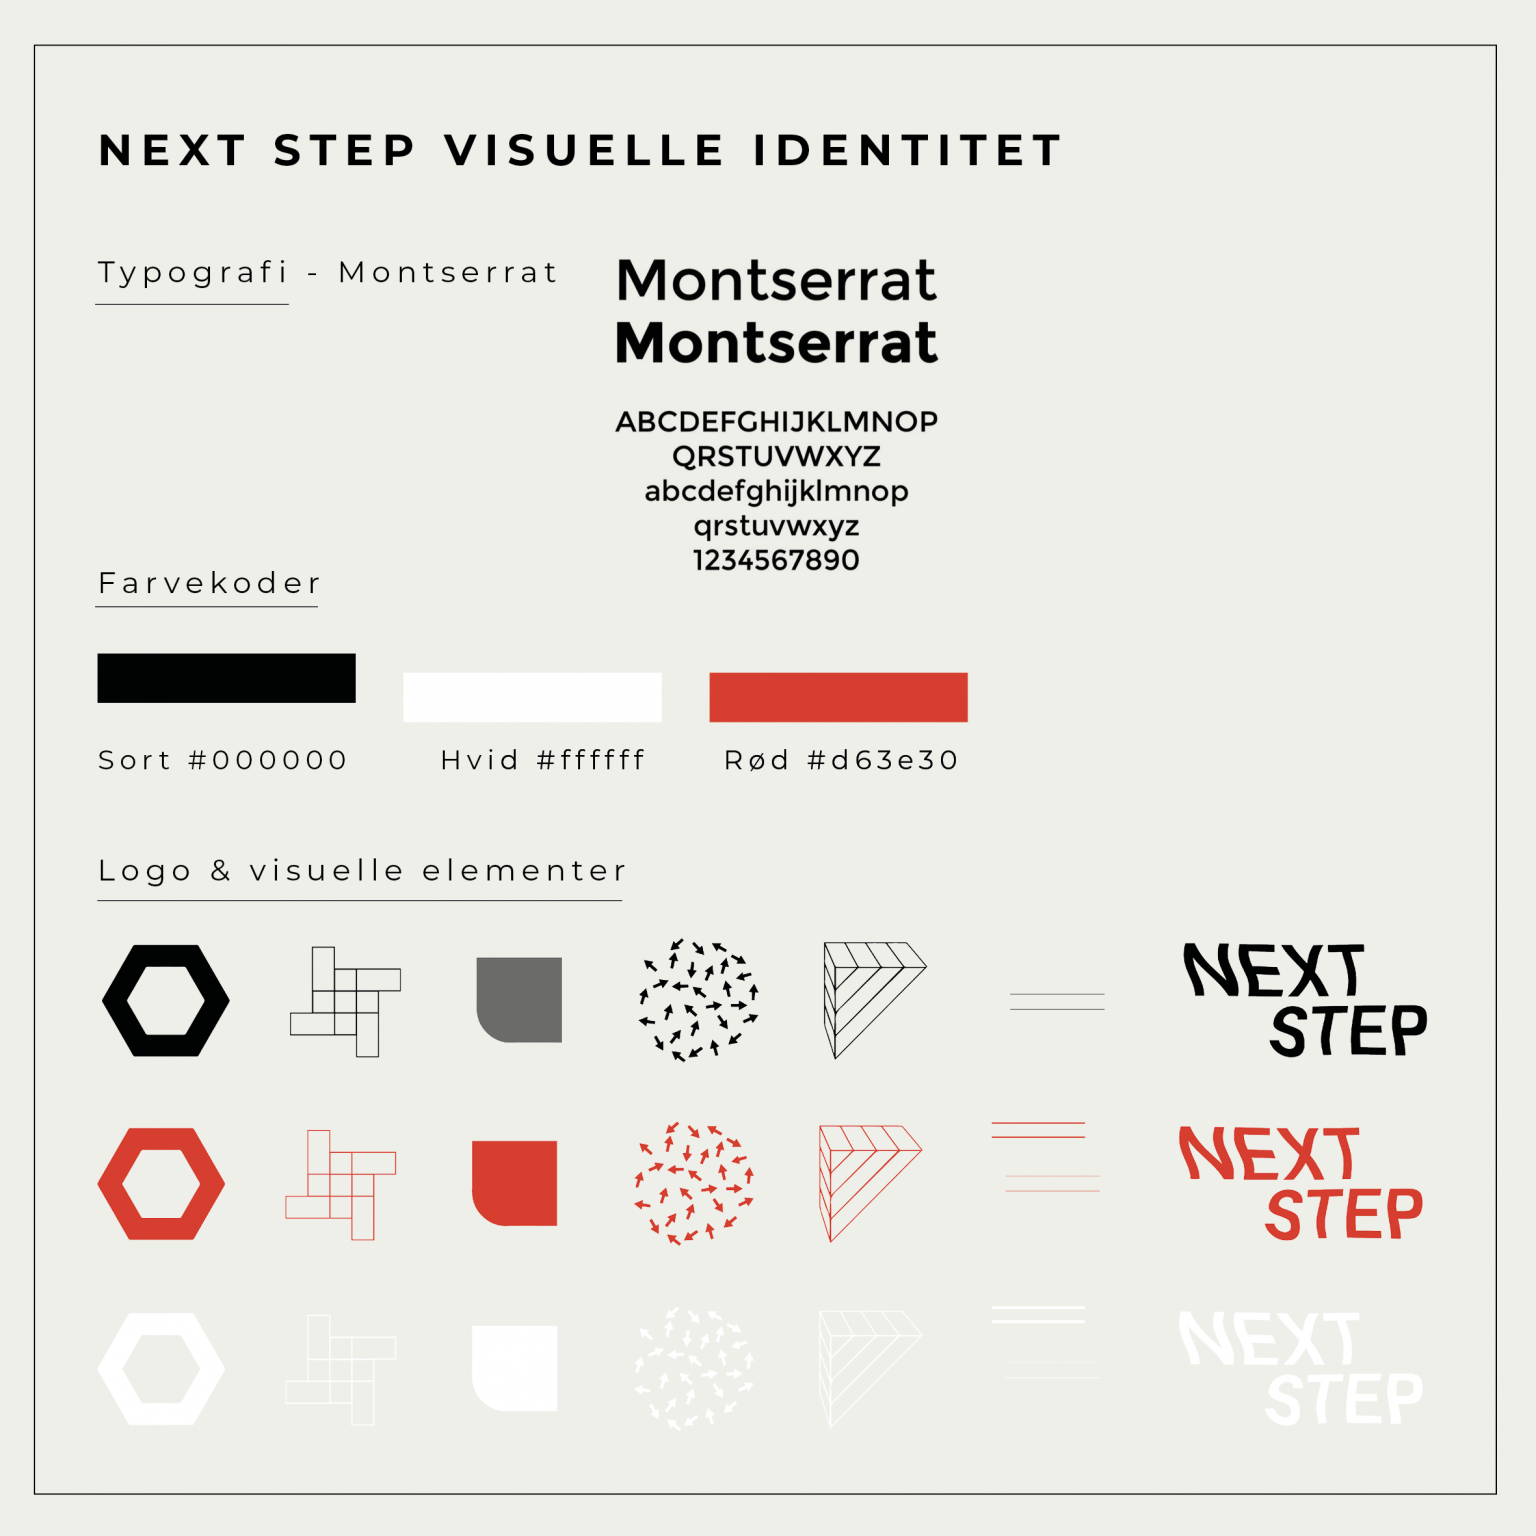 BineJoMo visuel identiet grafisk design NEXT STEP LOGO